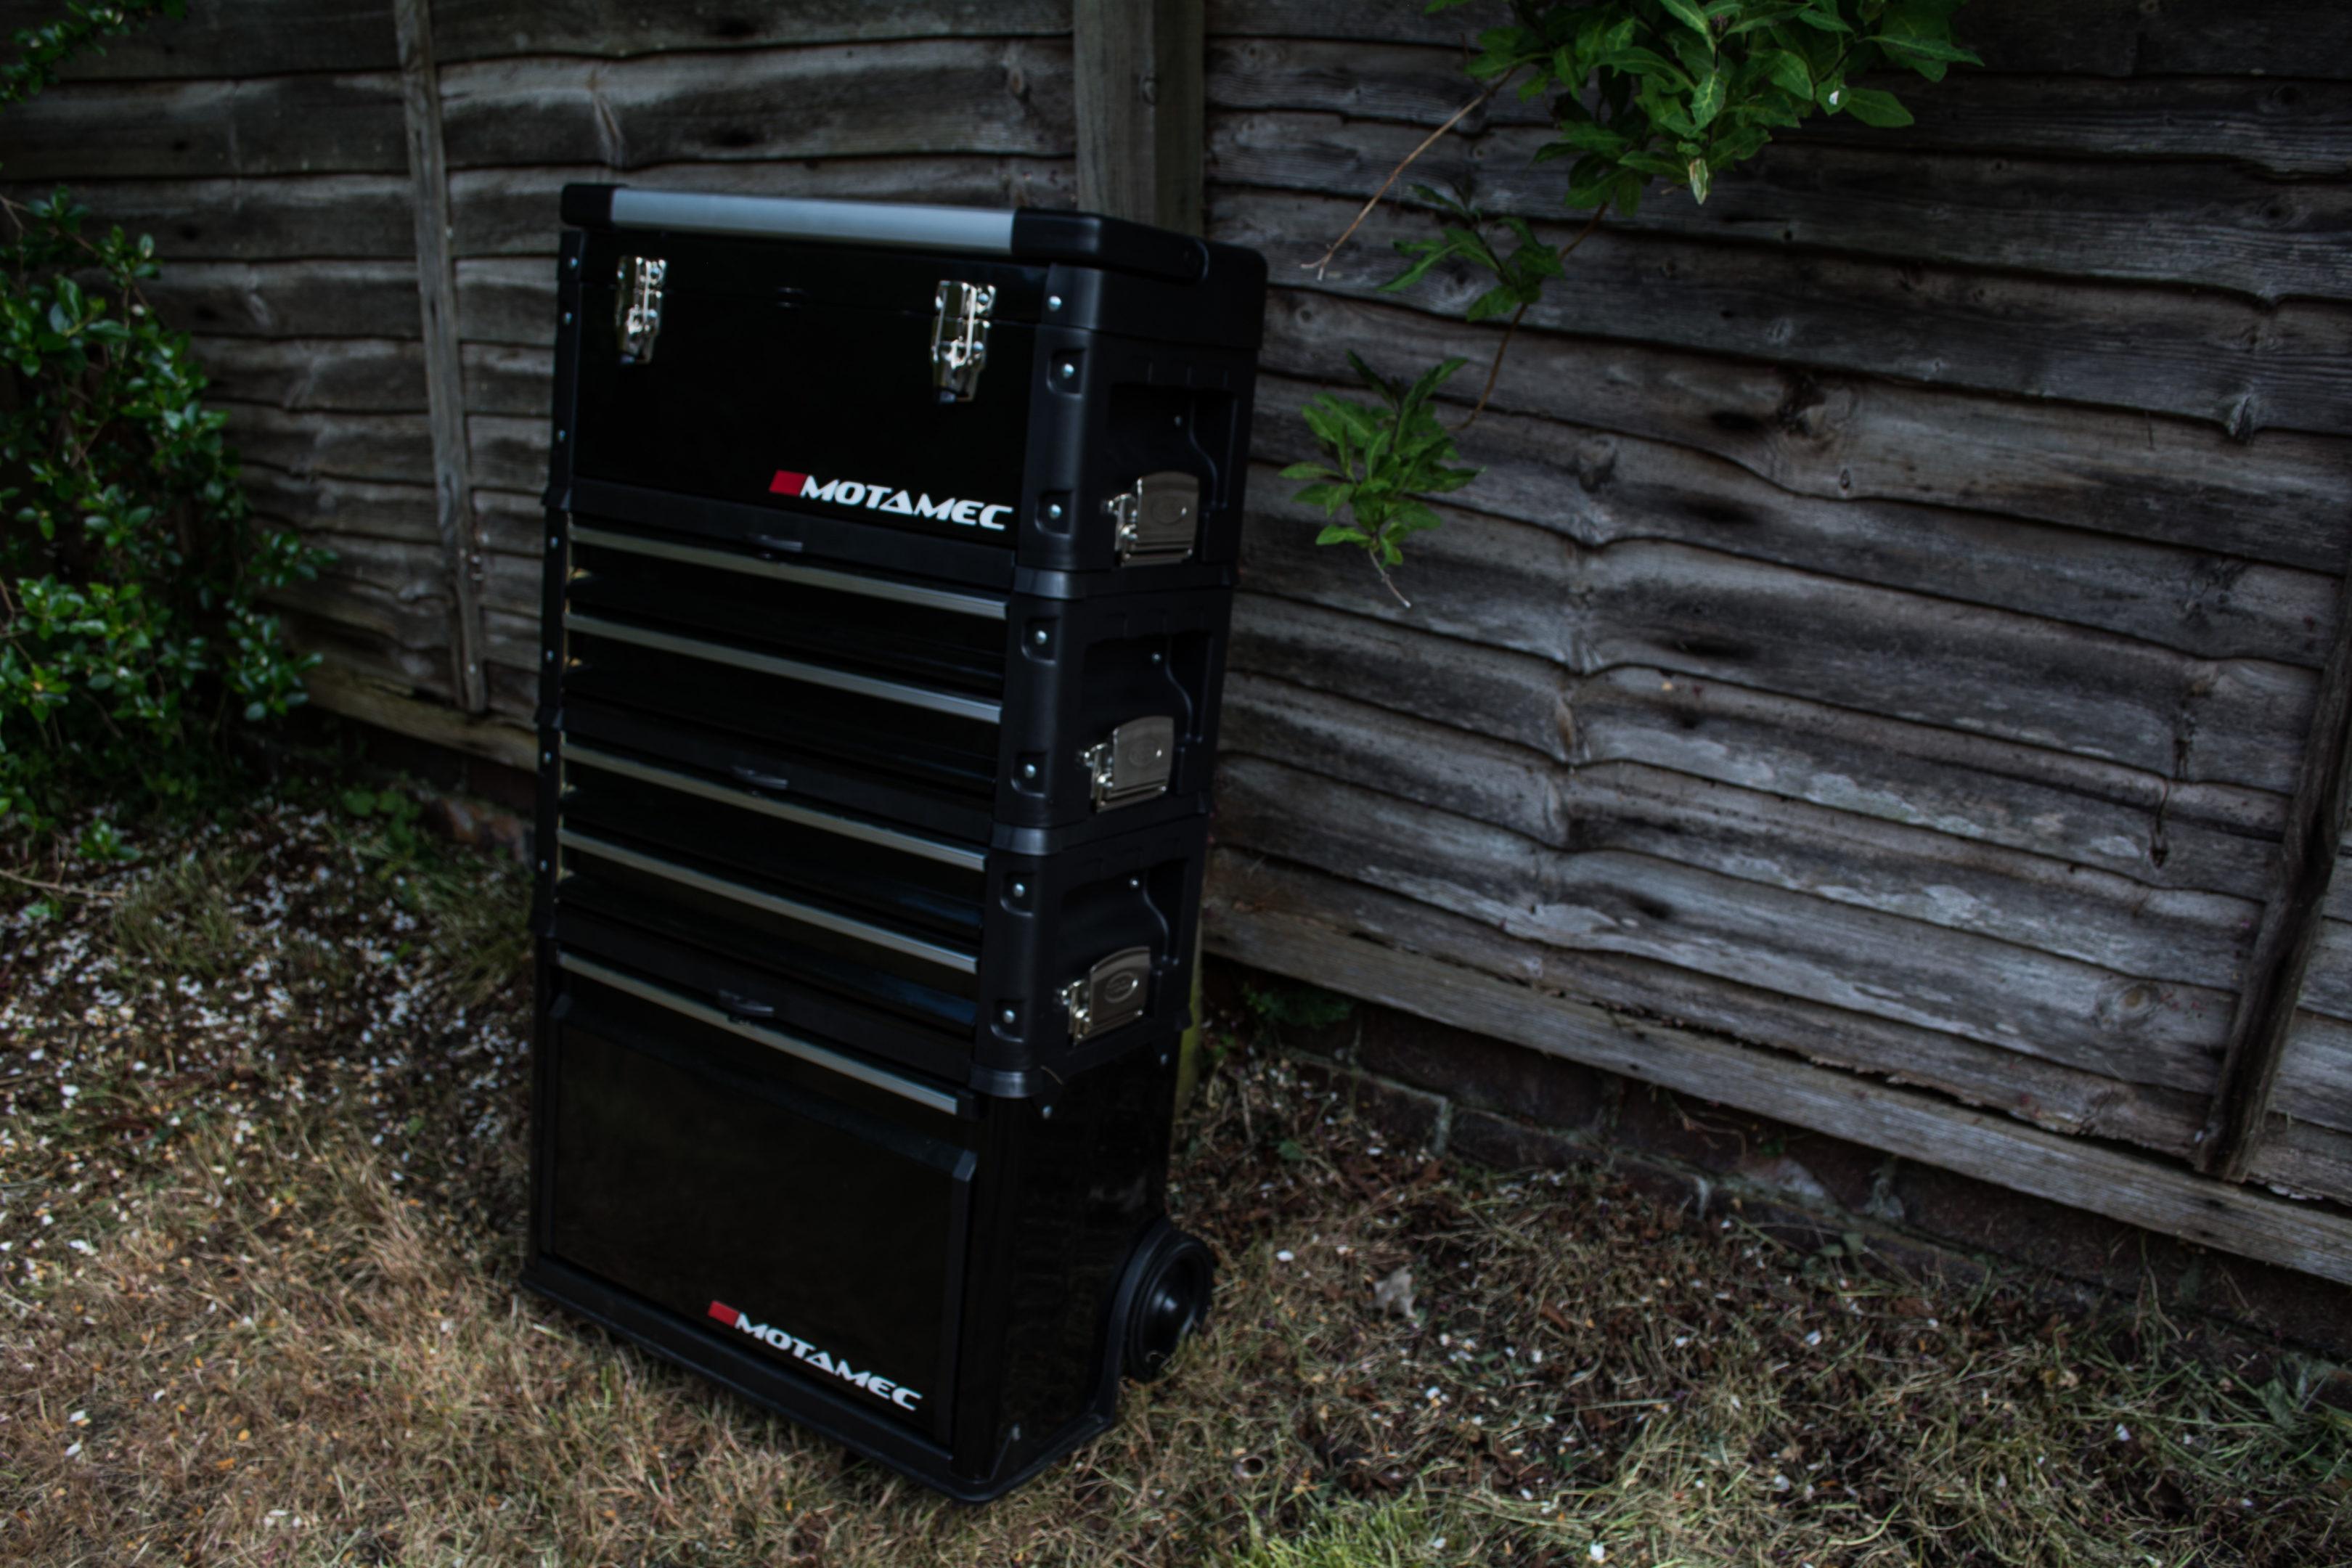 Motamec Racing Modular Tool Cart Review